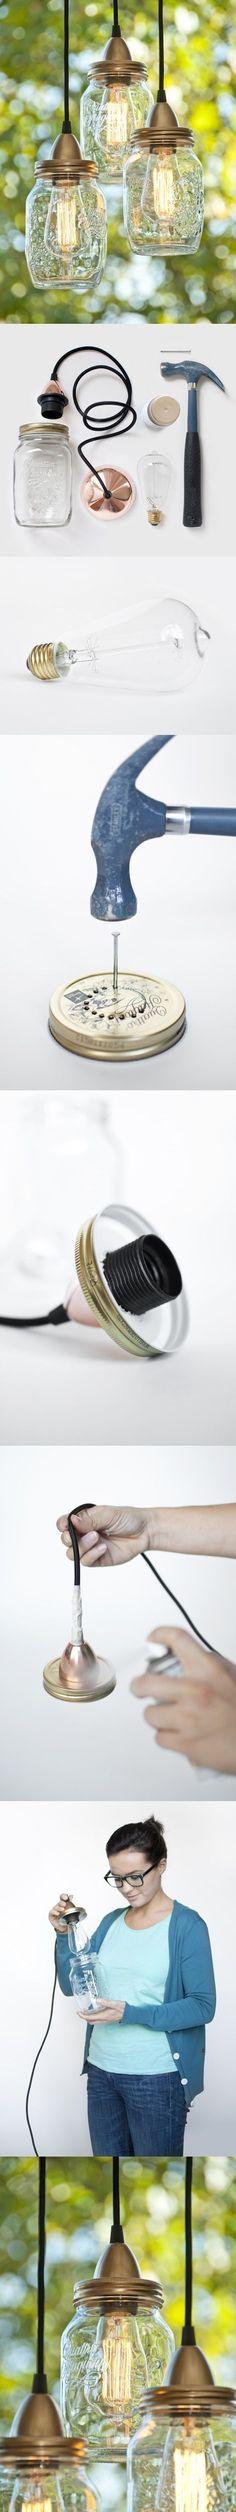 Drops de Decr Faa suas prprias luminrias com potes de vidro  BramareBramare